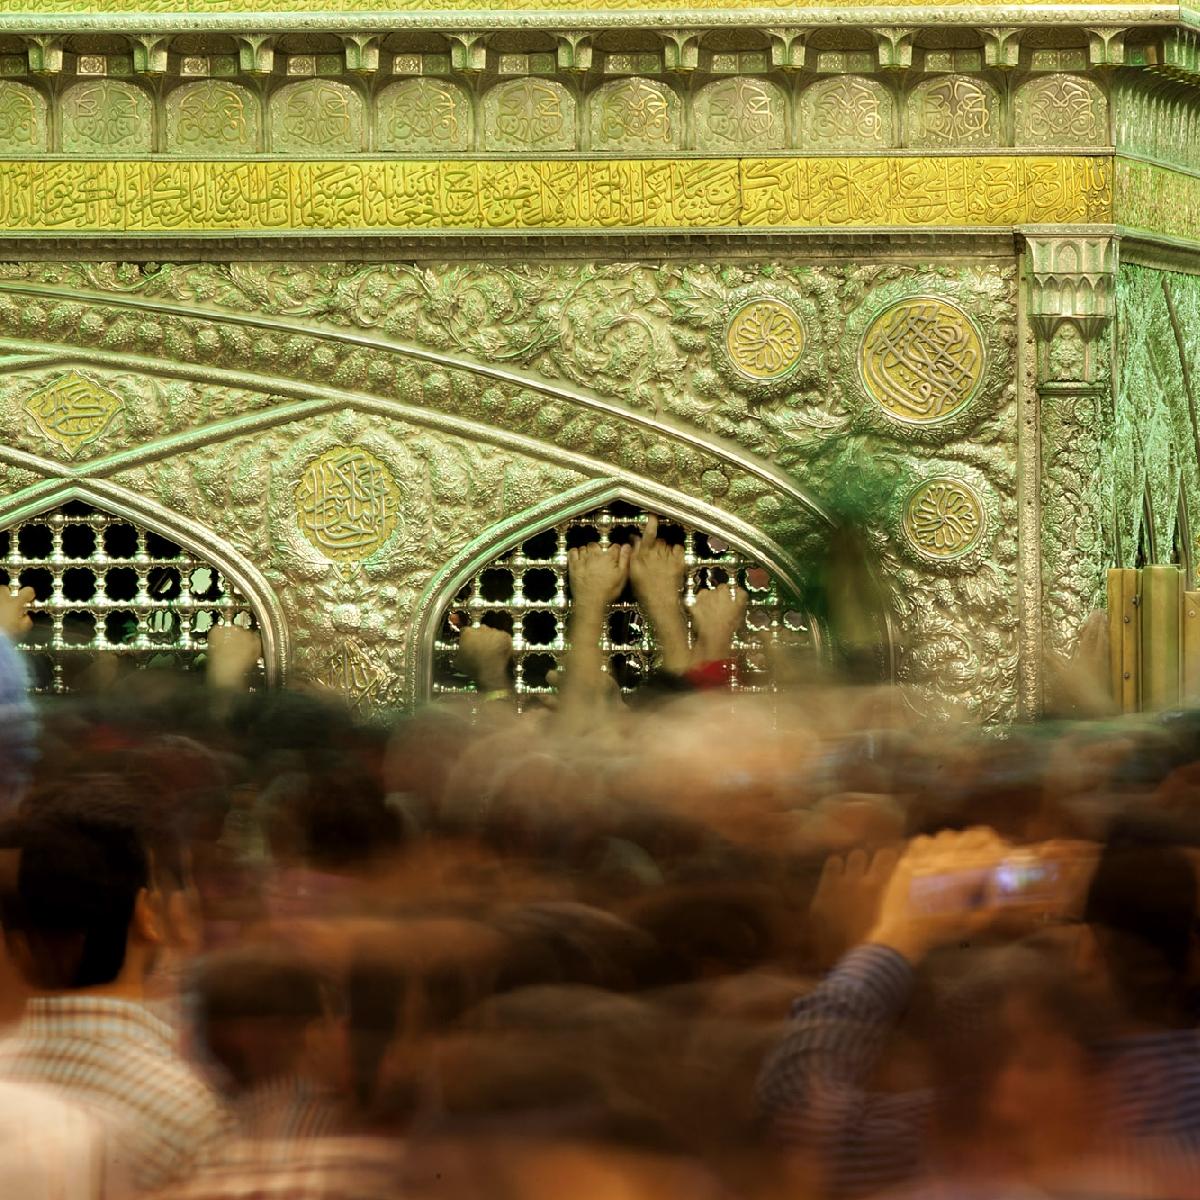 تصاویر نگارخانه متن نگار , مذهبی, امام رضا (ع)